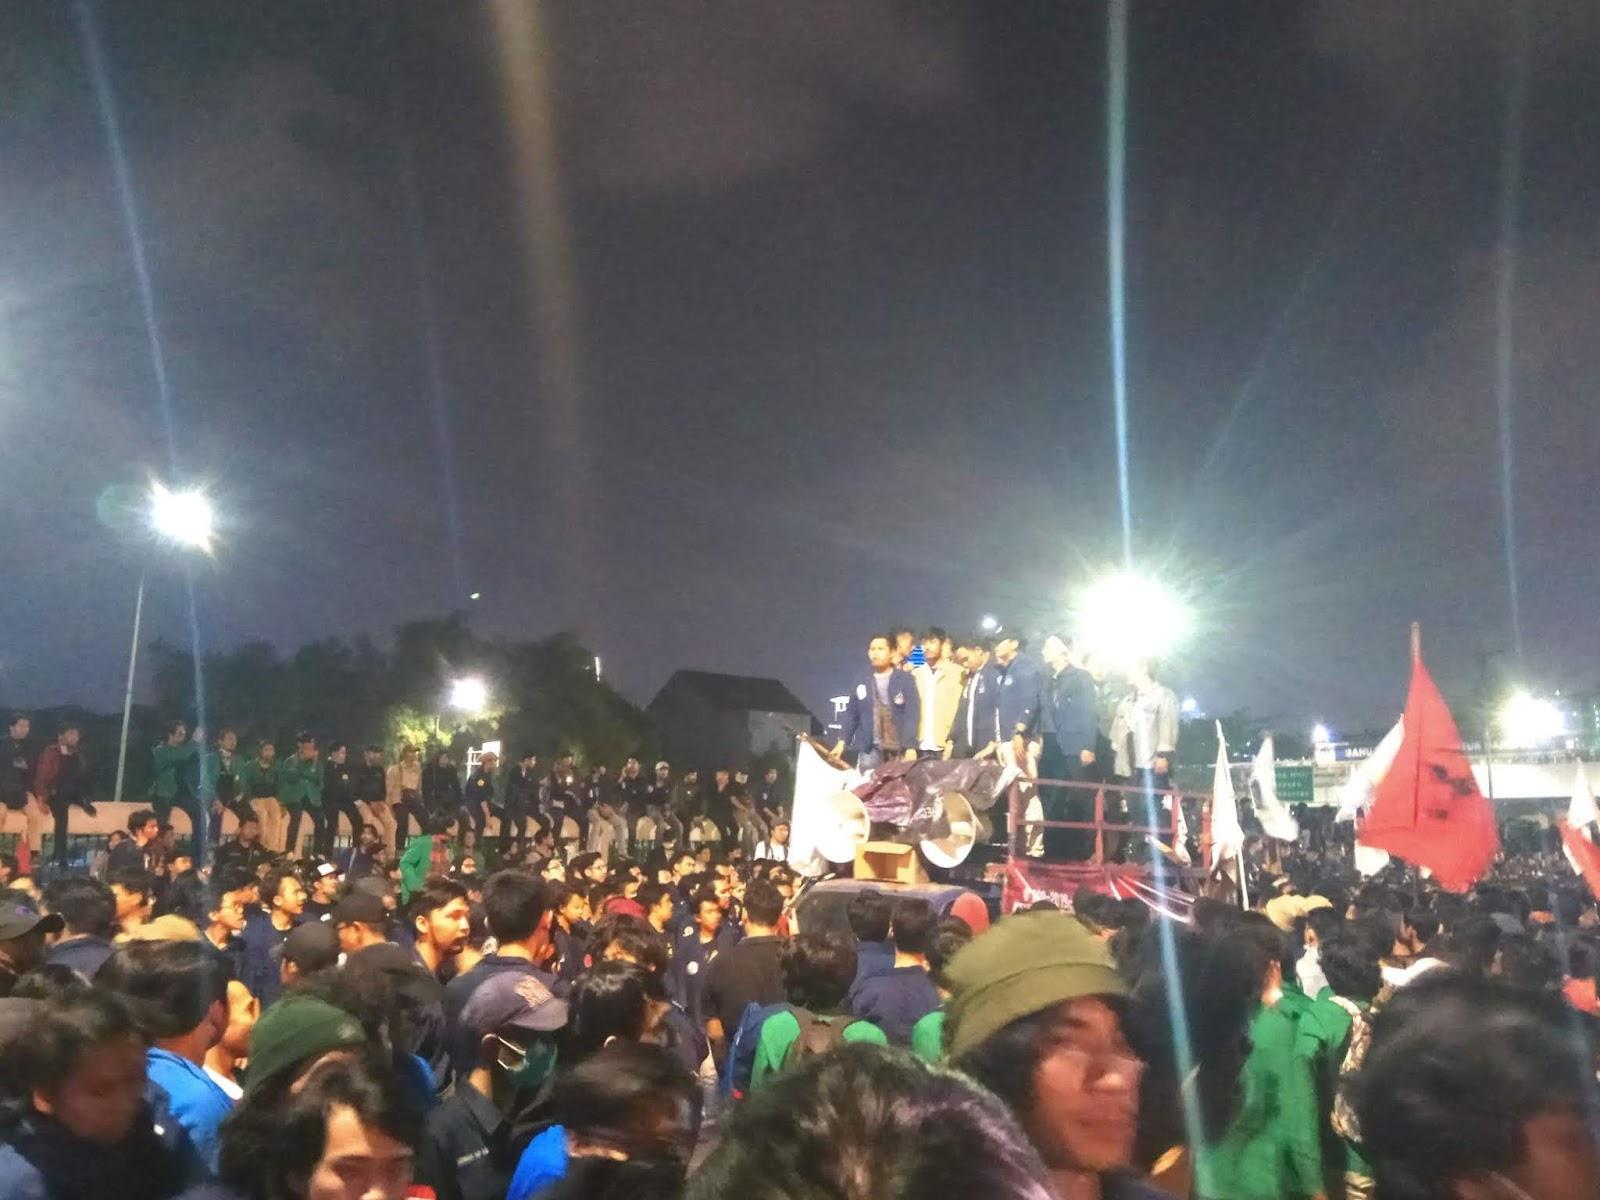 Orasi Mahasiswa: Jokowi Harus Mundur!